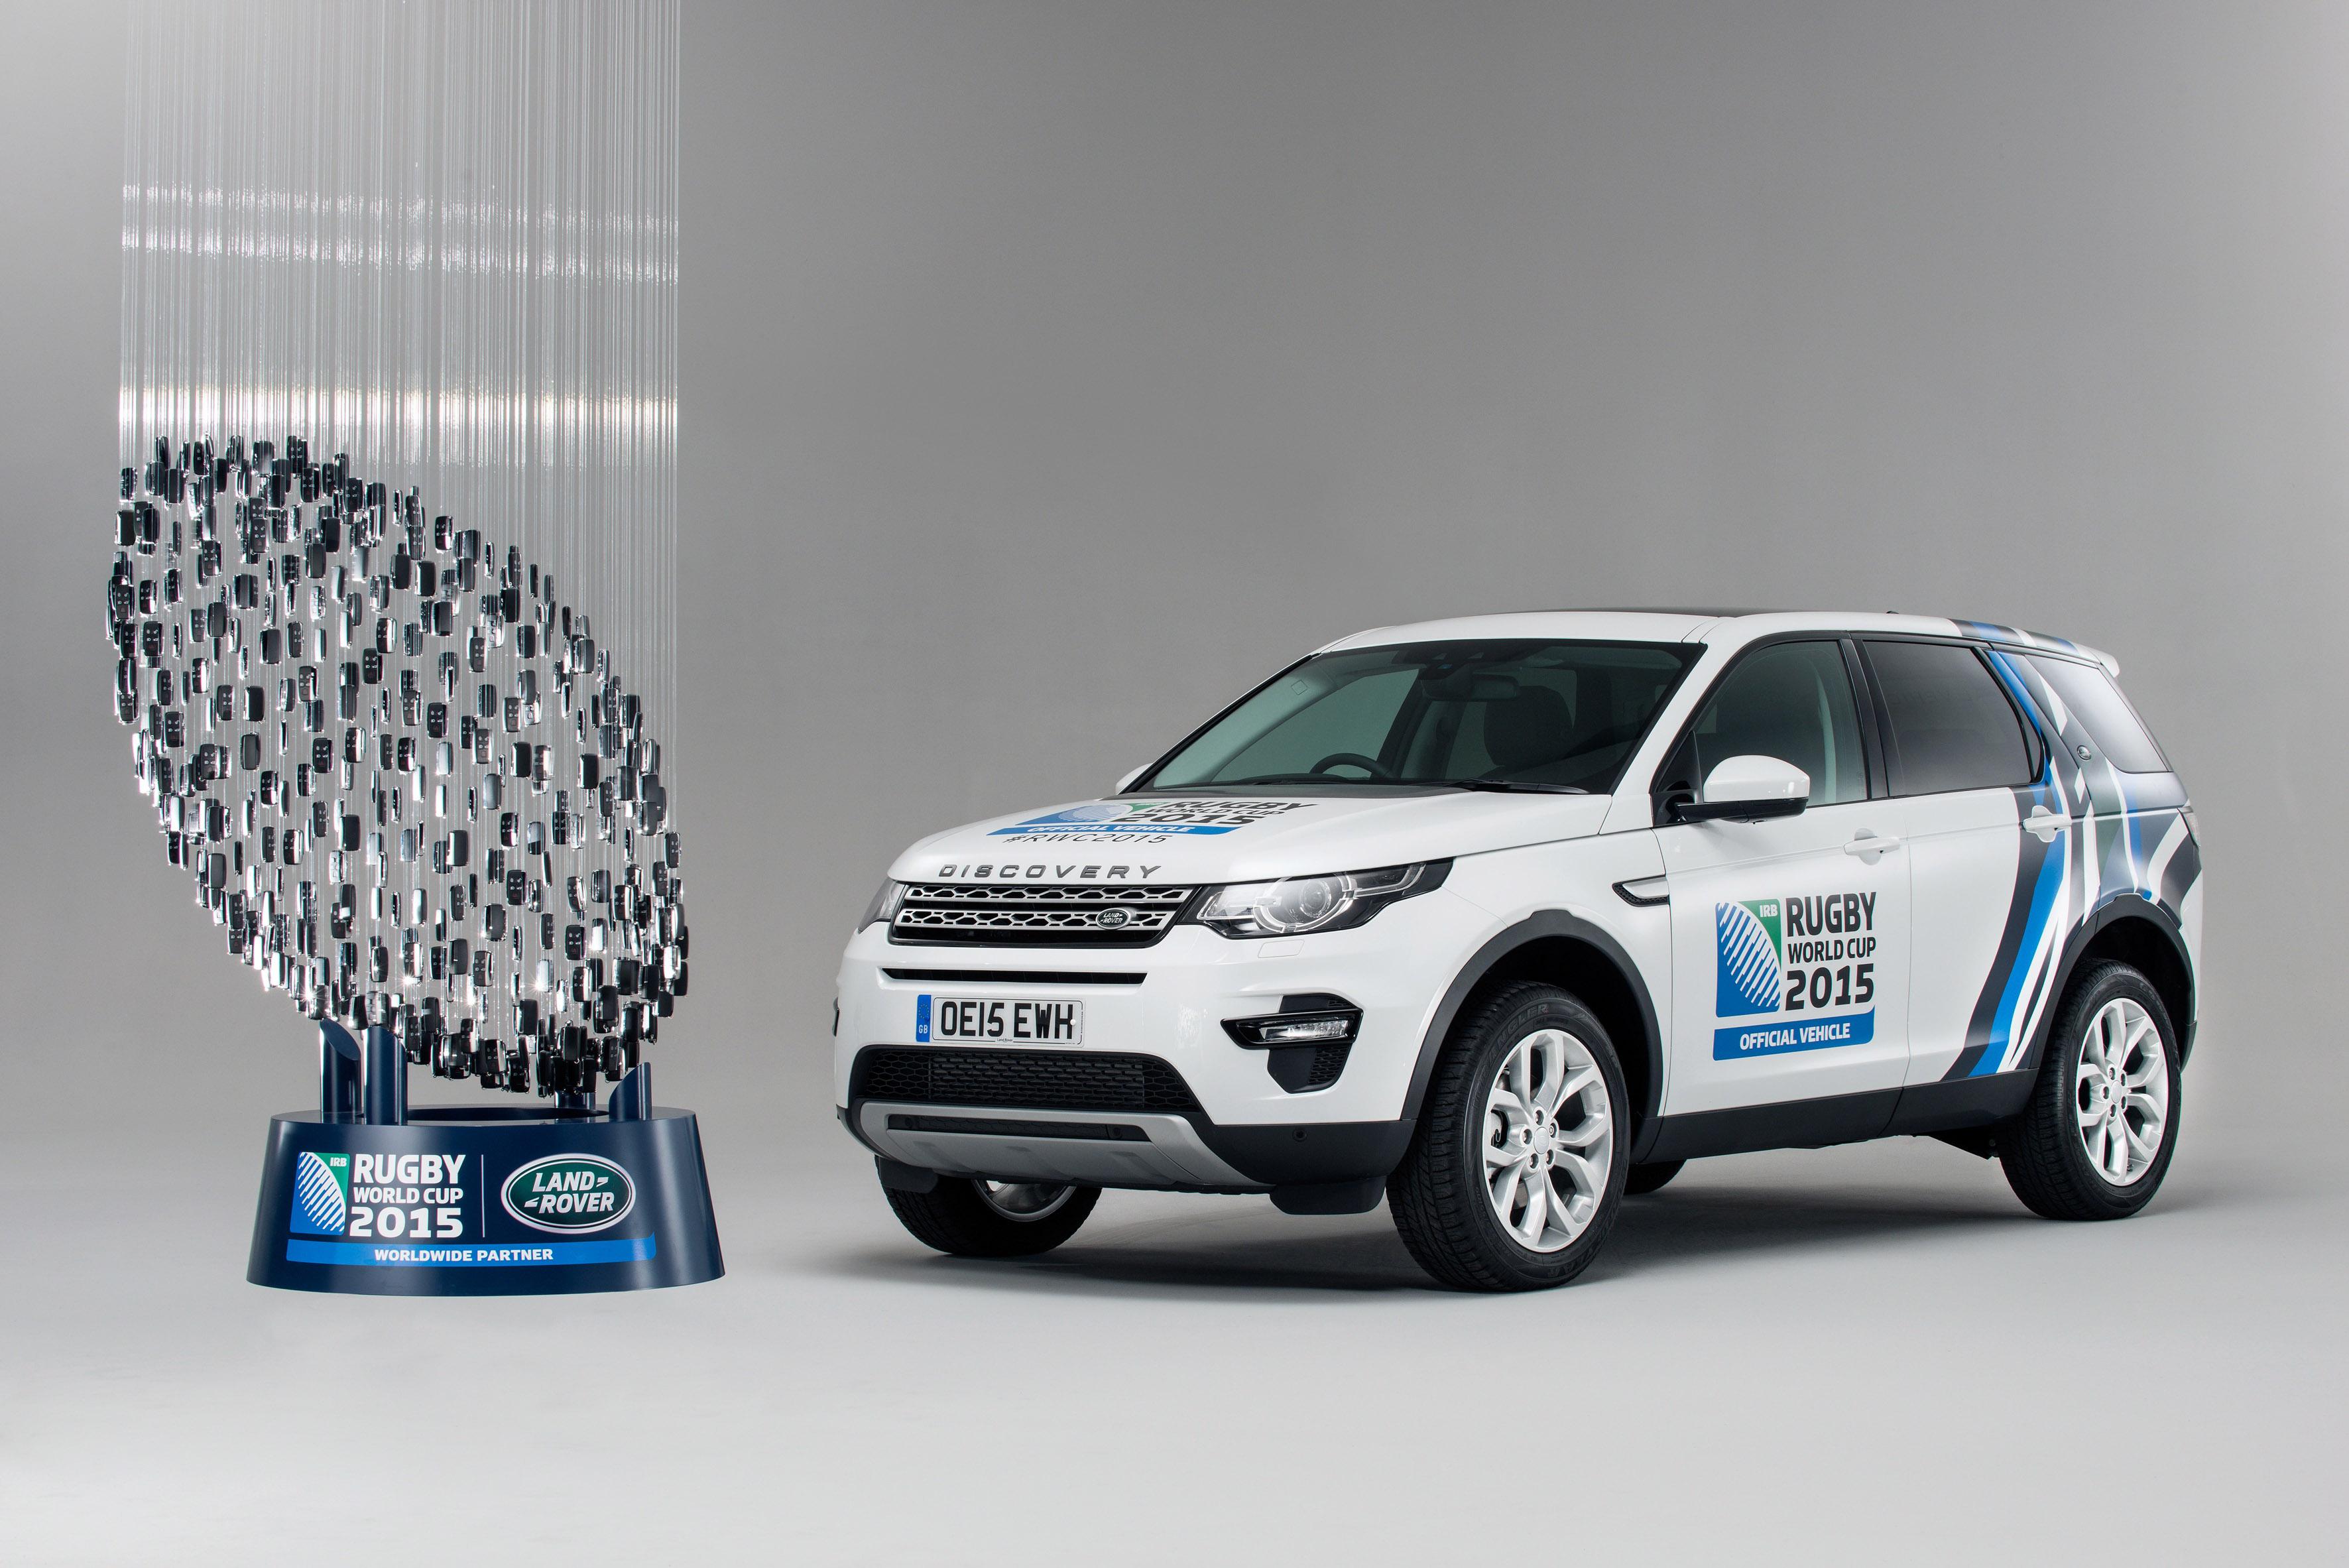 Land Rover per la Coppa del Mondo di Rugby